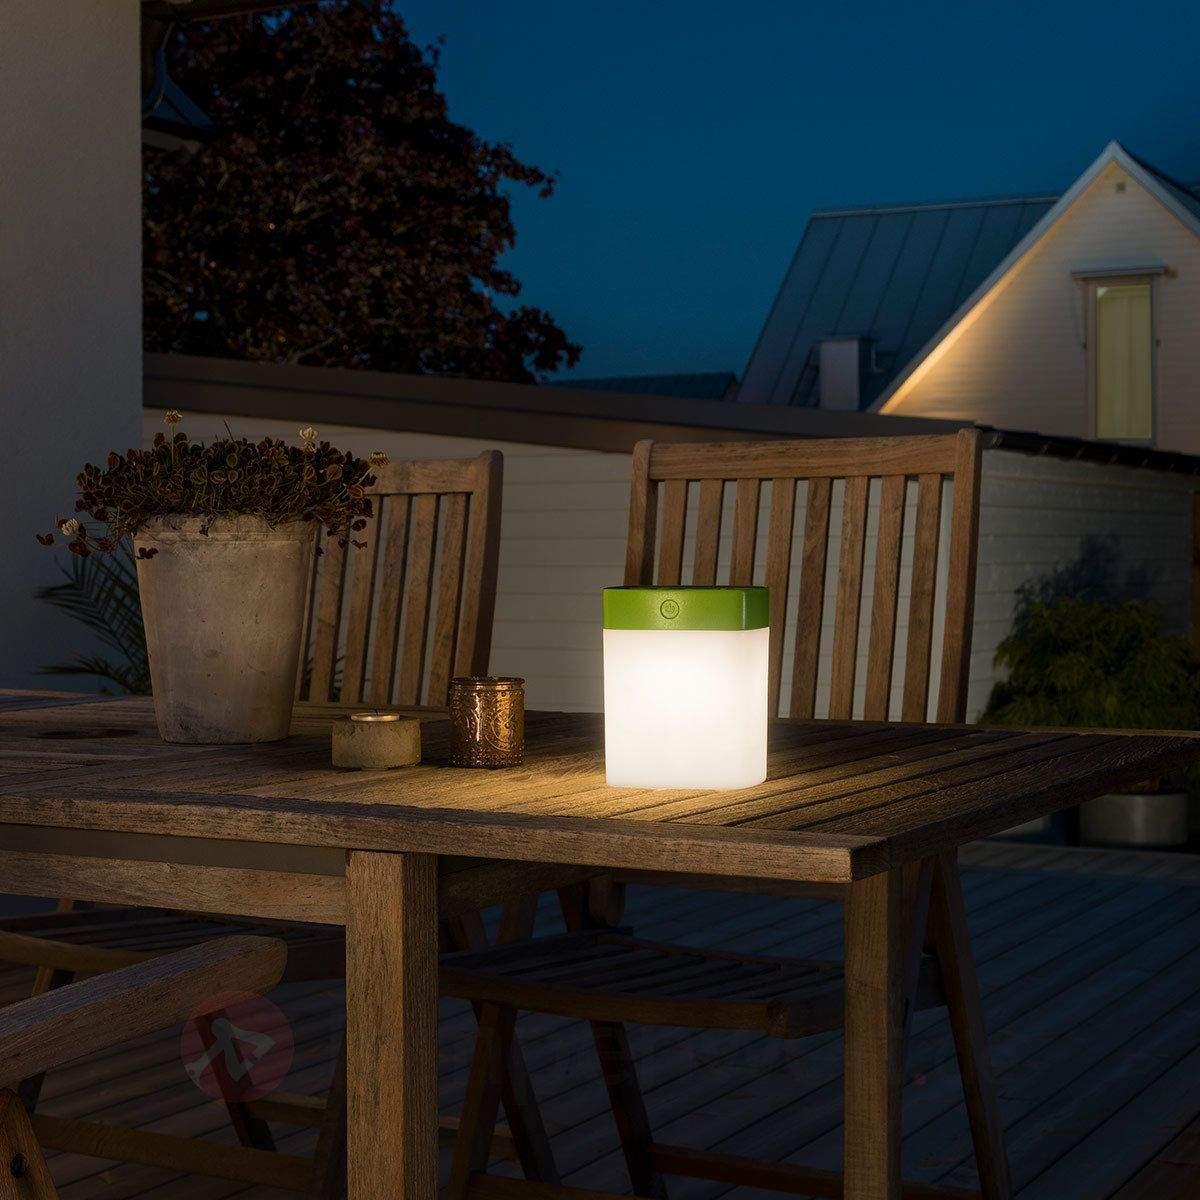 Solarleuchten Garten Elegant Lichtakzente In Garten Und Terrasse Led solarleuchte assisi